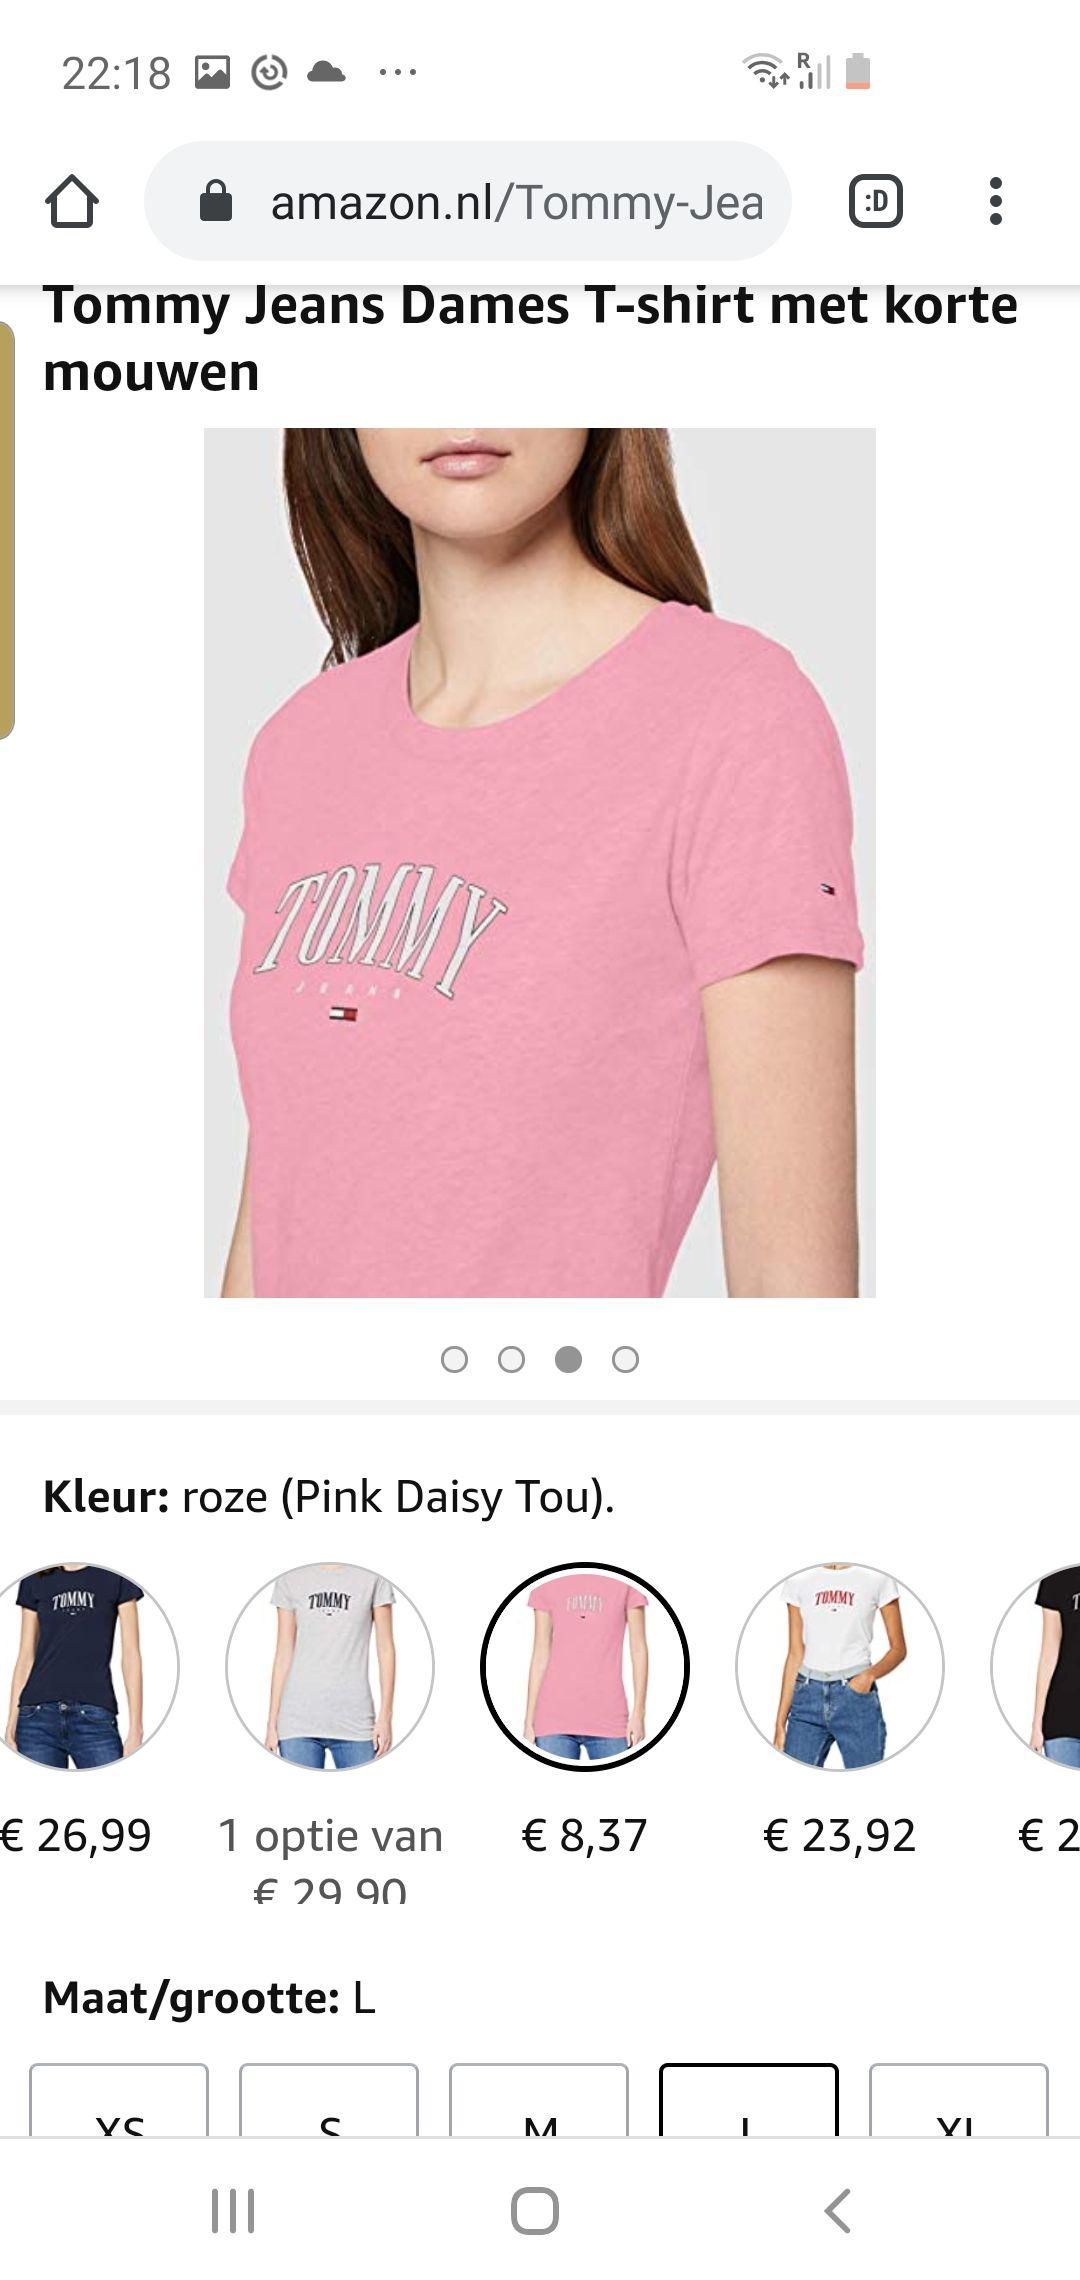 Tommy Jeans Dames T-shirt met korte mouwen